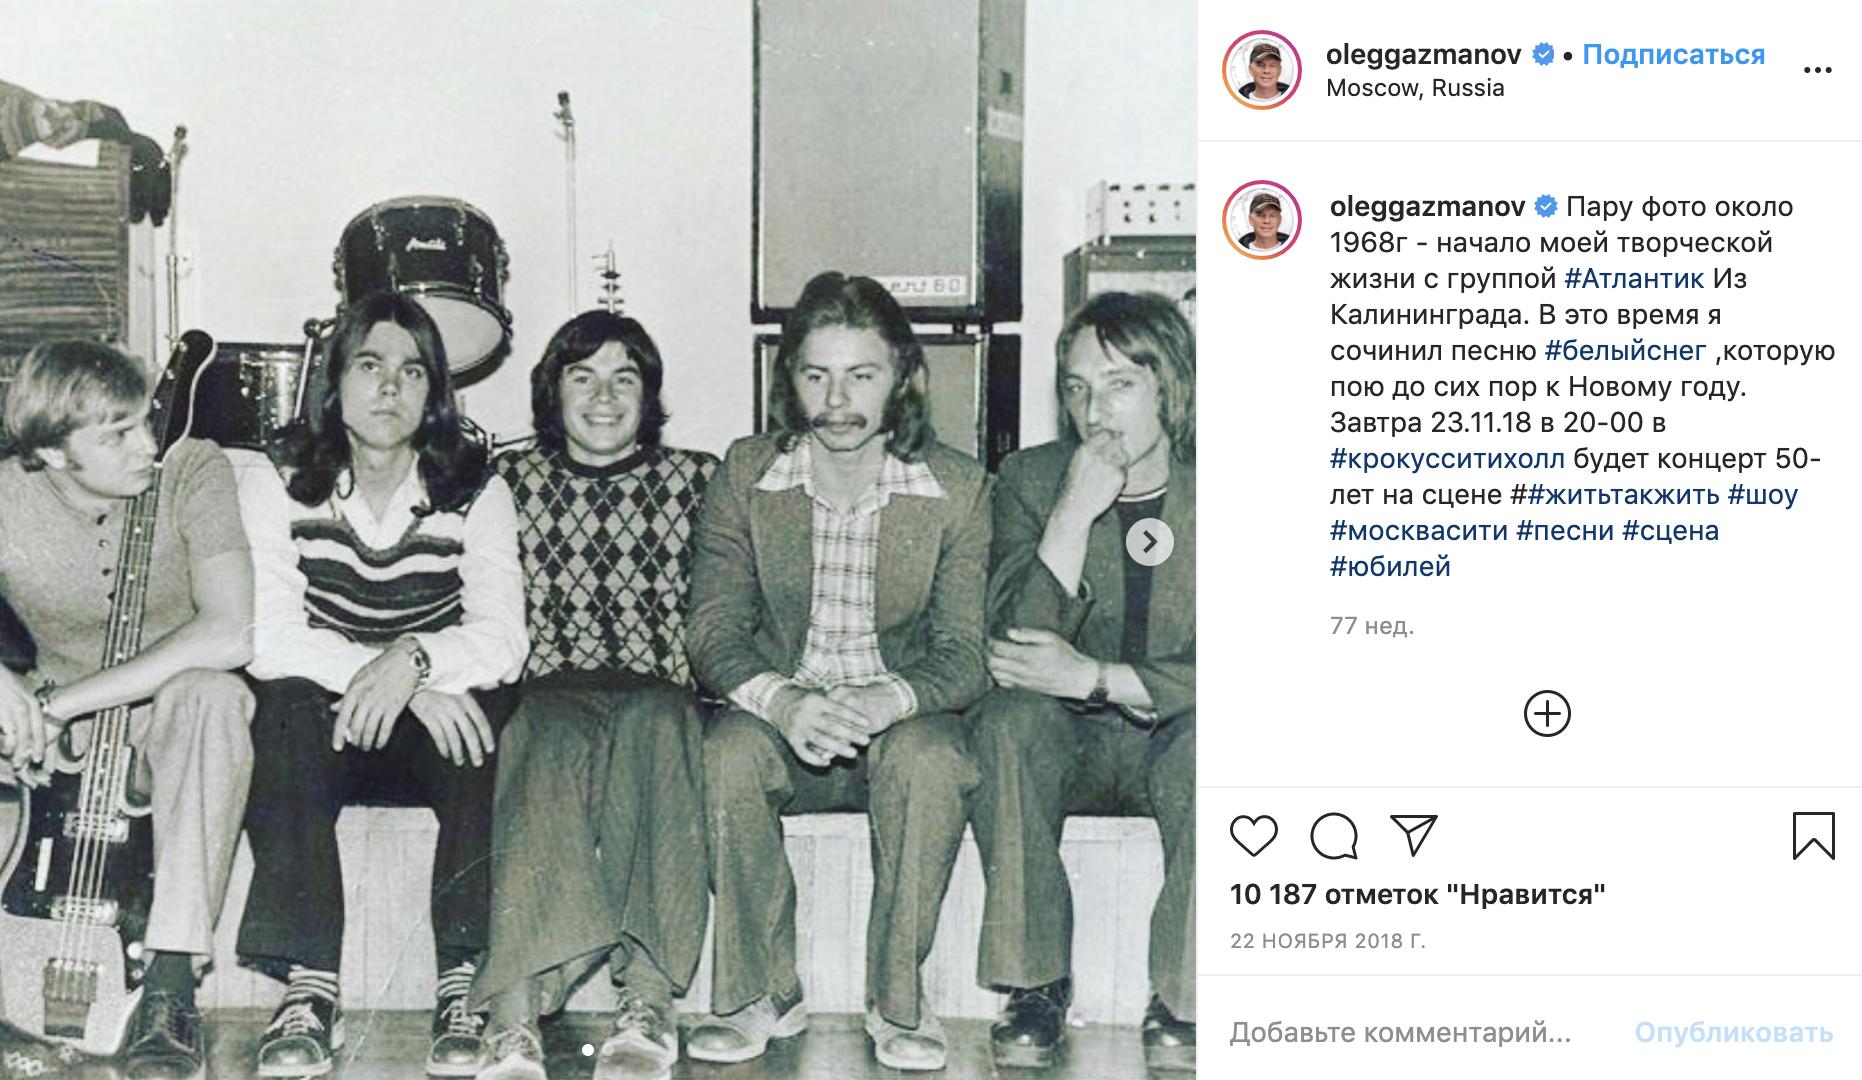 Олег Газманов (в центре) в начале музыкальной карьеры